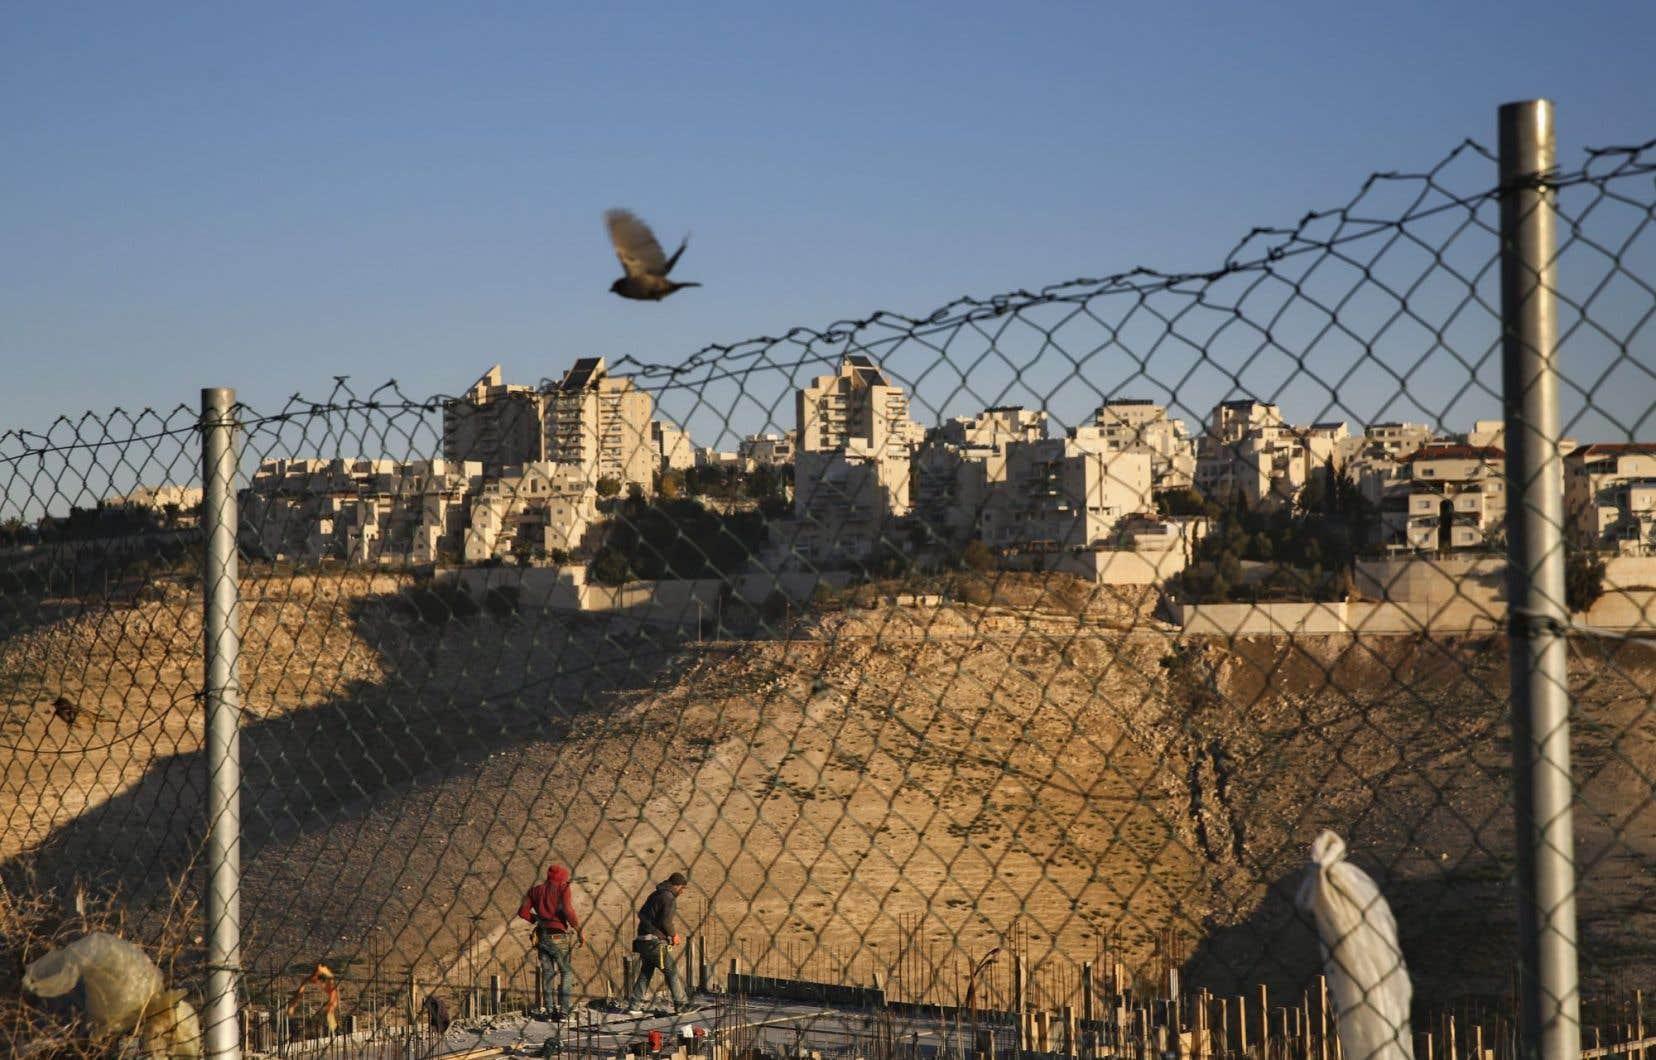 La loi qui légalise rétroactivement la construction de milliers de maisons de colons juifs sur des terres palestiniennes privées continue de faire réagir, aussi bien en Israël qu'à l'étranger.